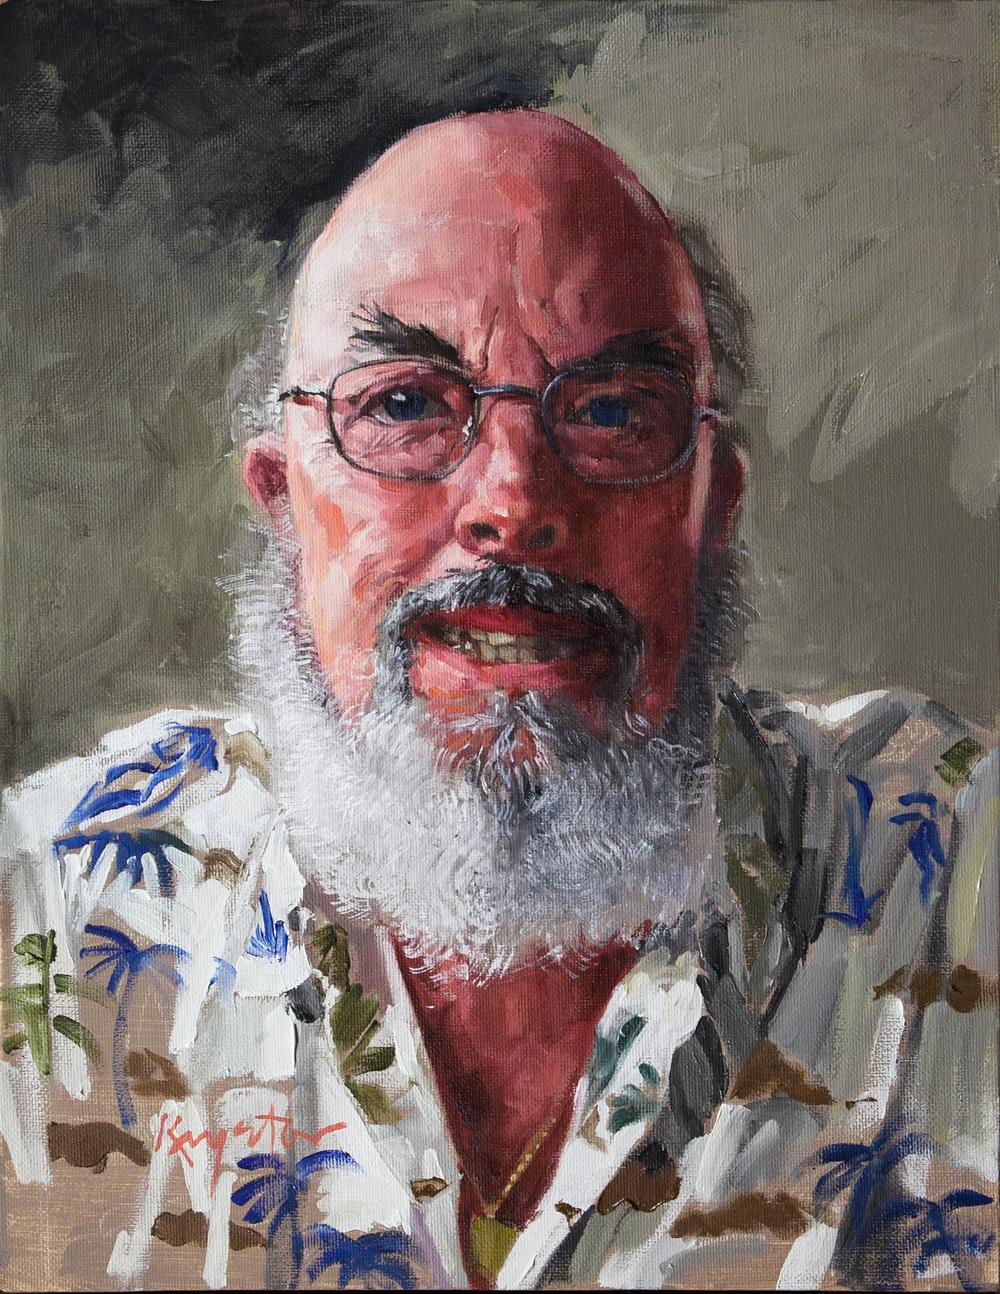 Jim Higgins Oil on Linen 11 x 14